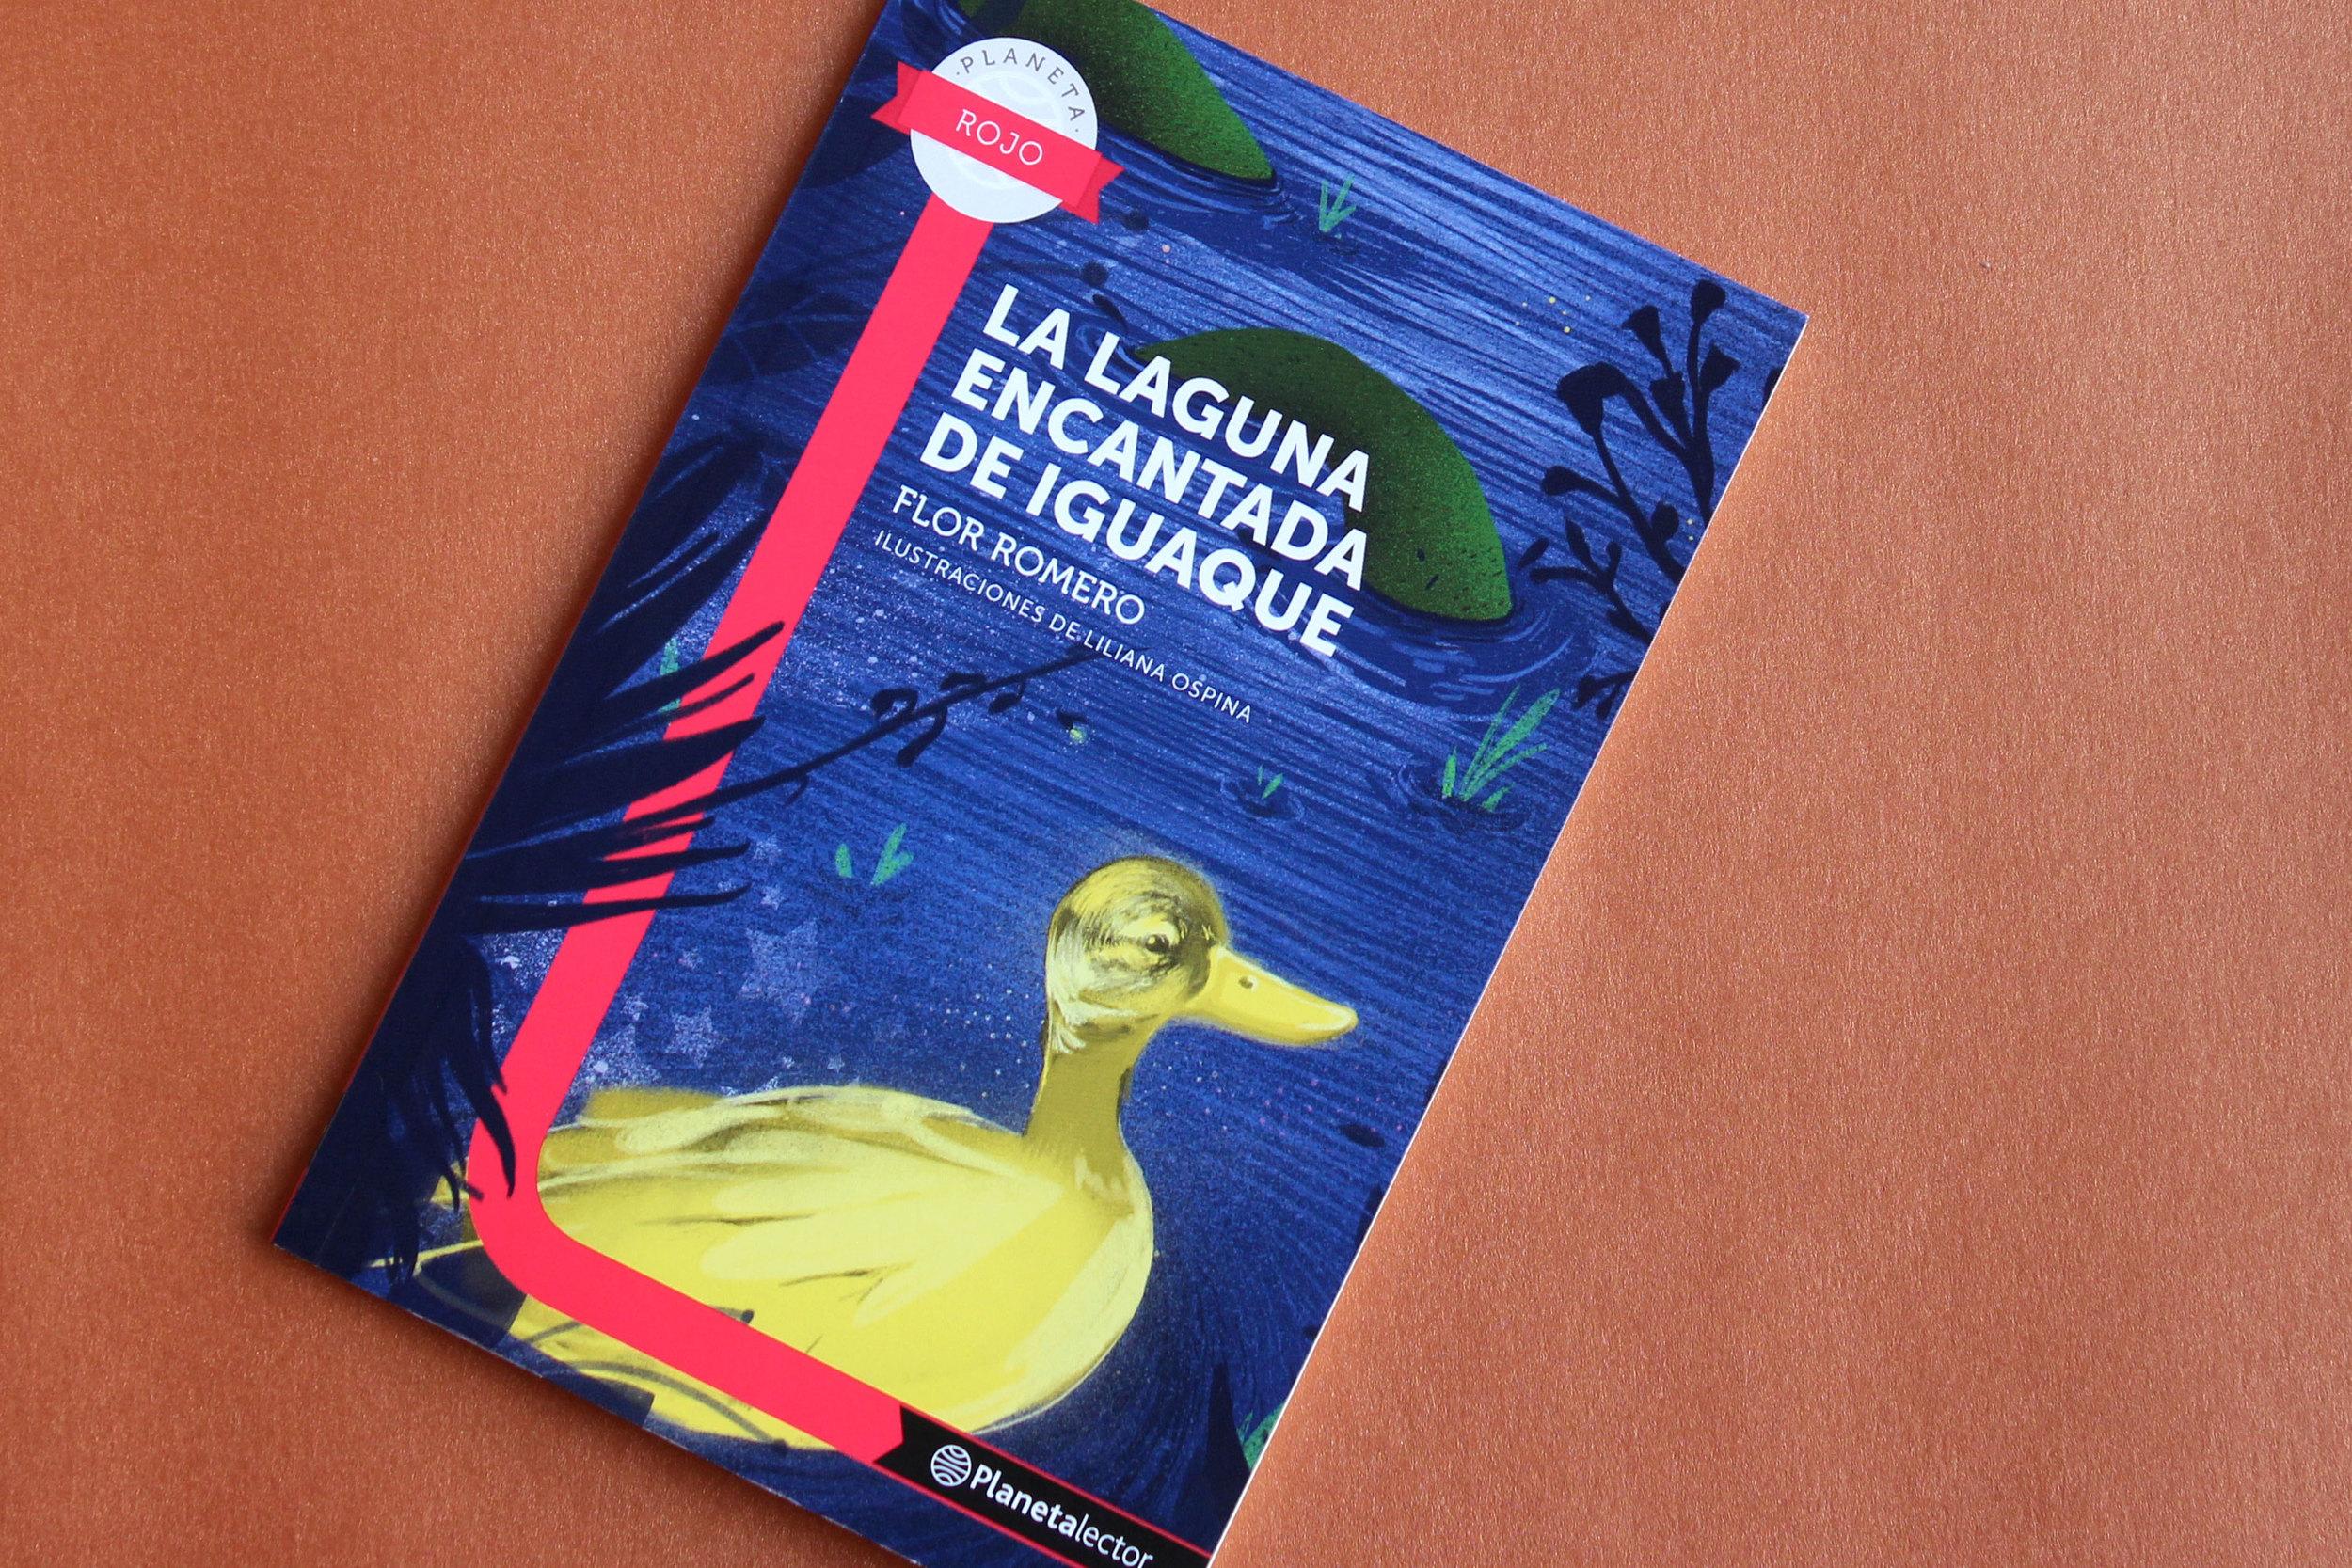 Laguna_01.jpg